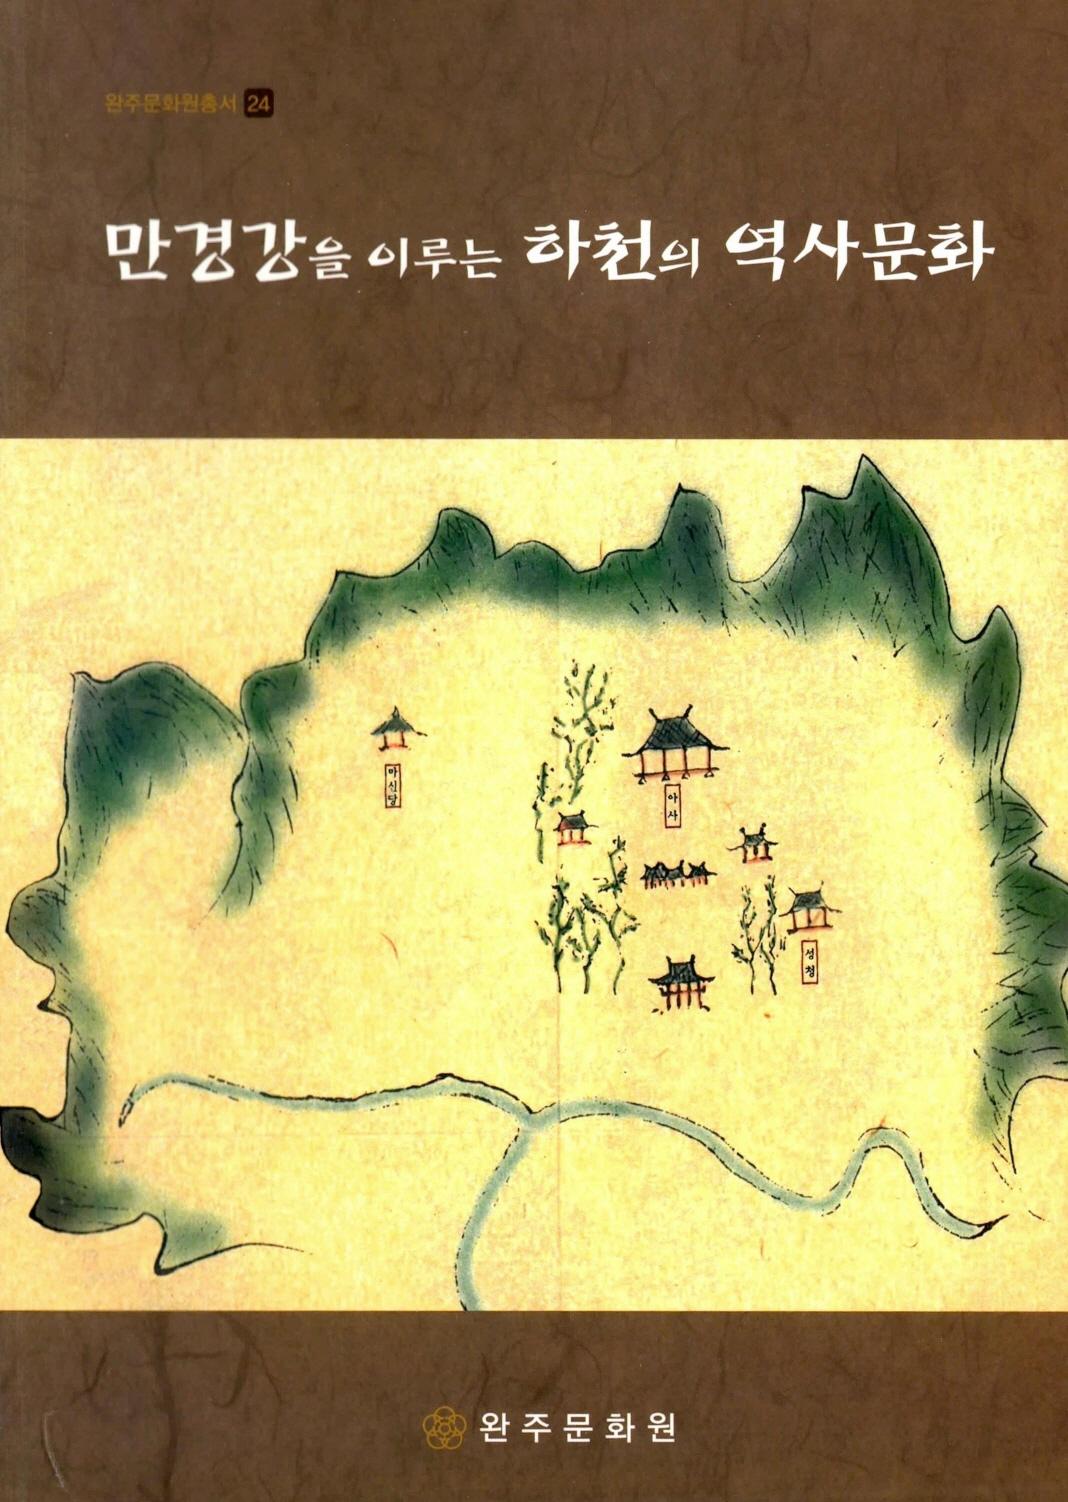 완주문화총서24 만경강을 이루는 하천의 역사문화